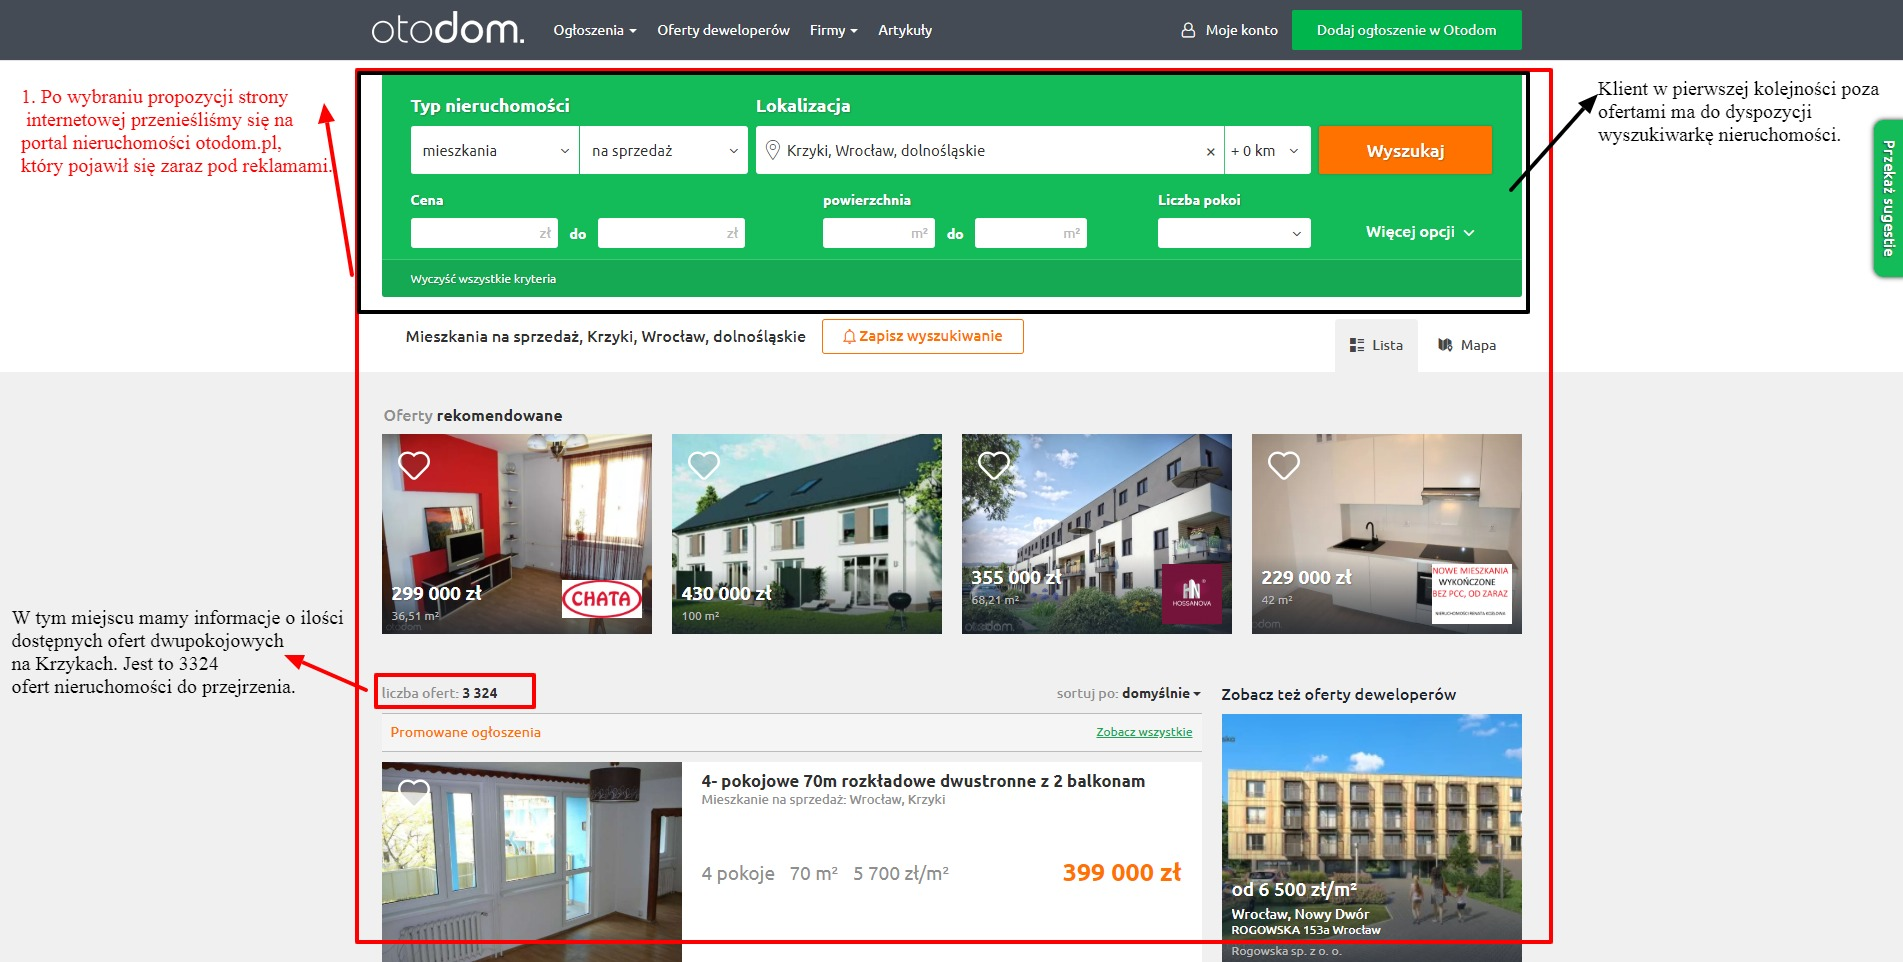 wyszukiwarka ogłoszeń nieruchomości na portalu otodom